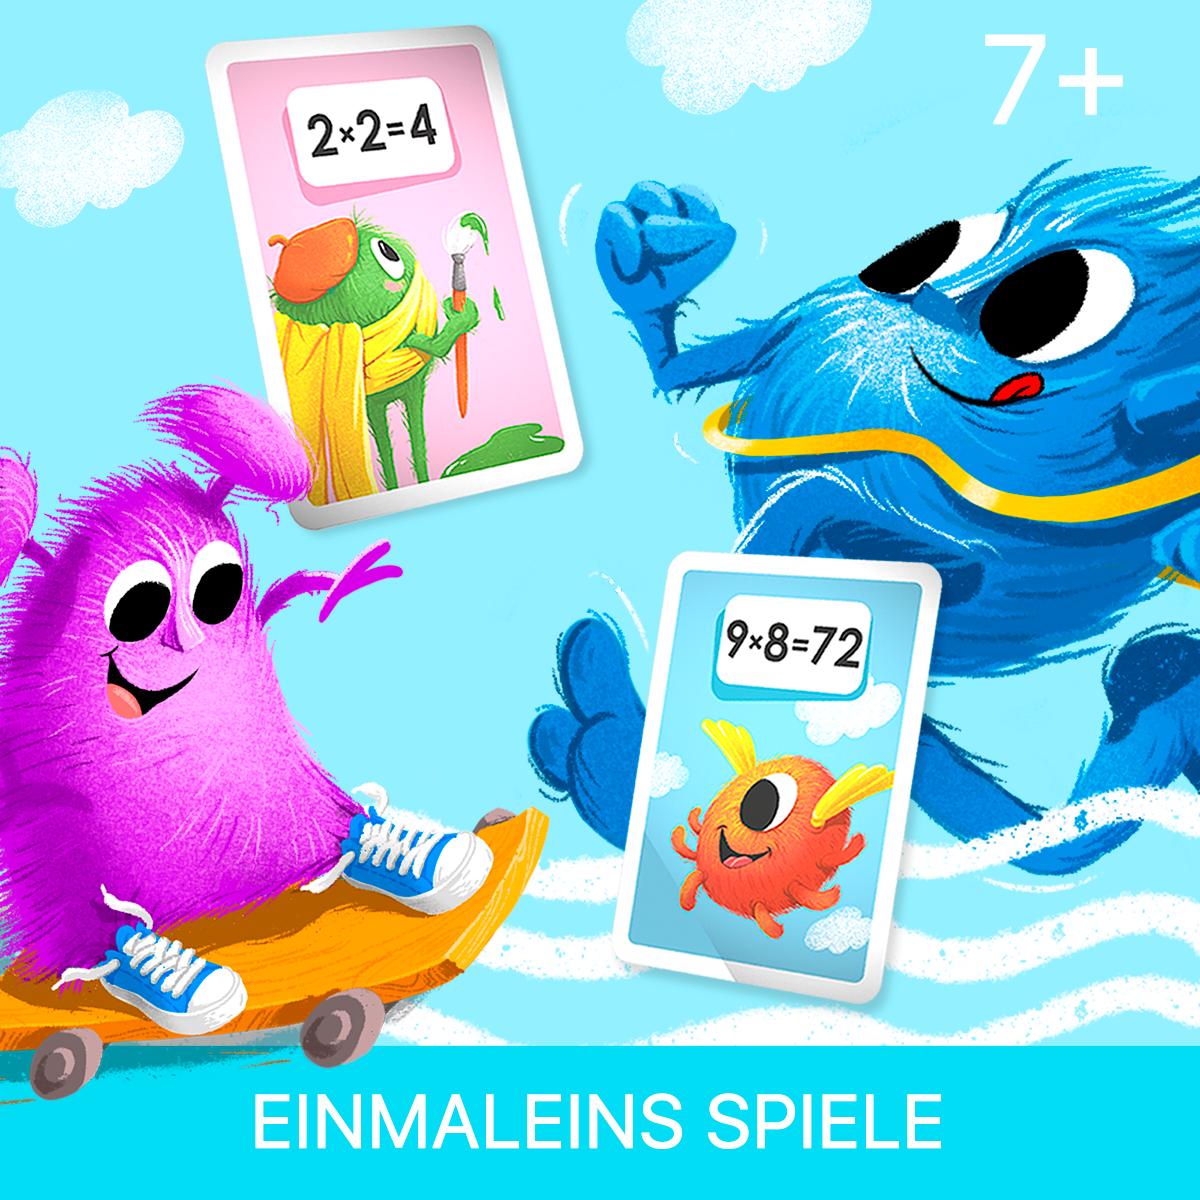 Einmaleins Spiele für die Grundschule